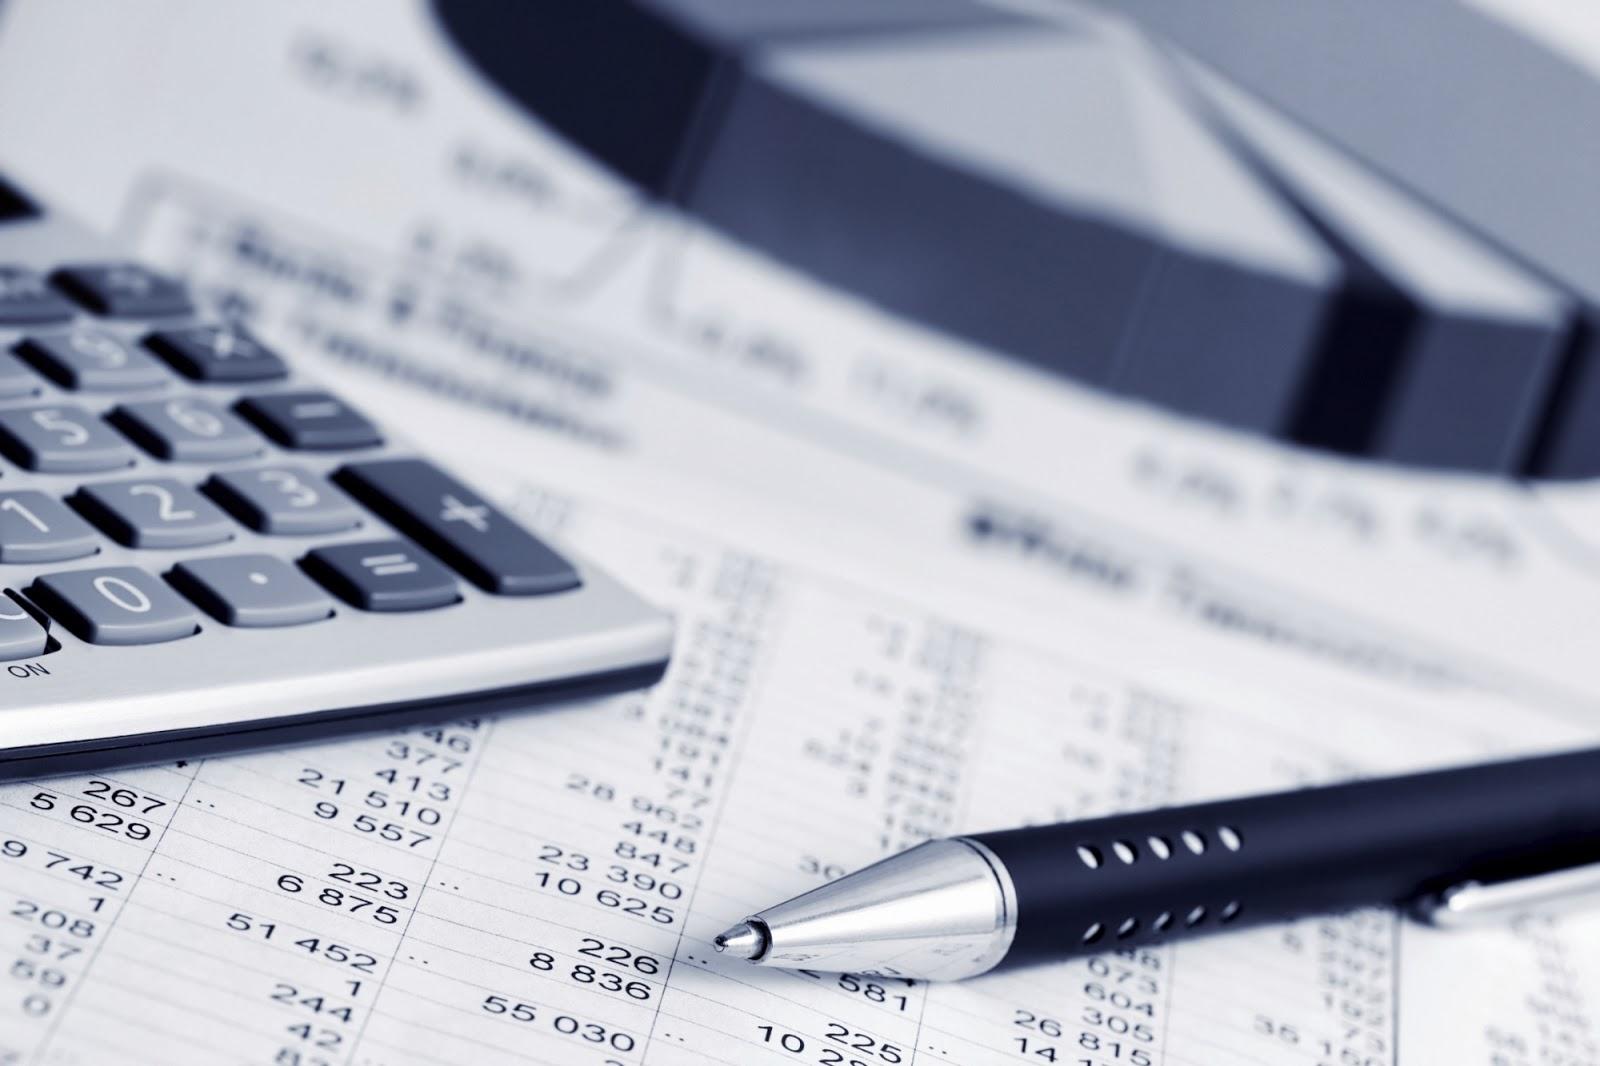 Cách làm hồ sơ vay vốn ngân hàng